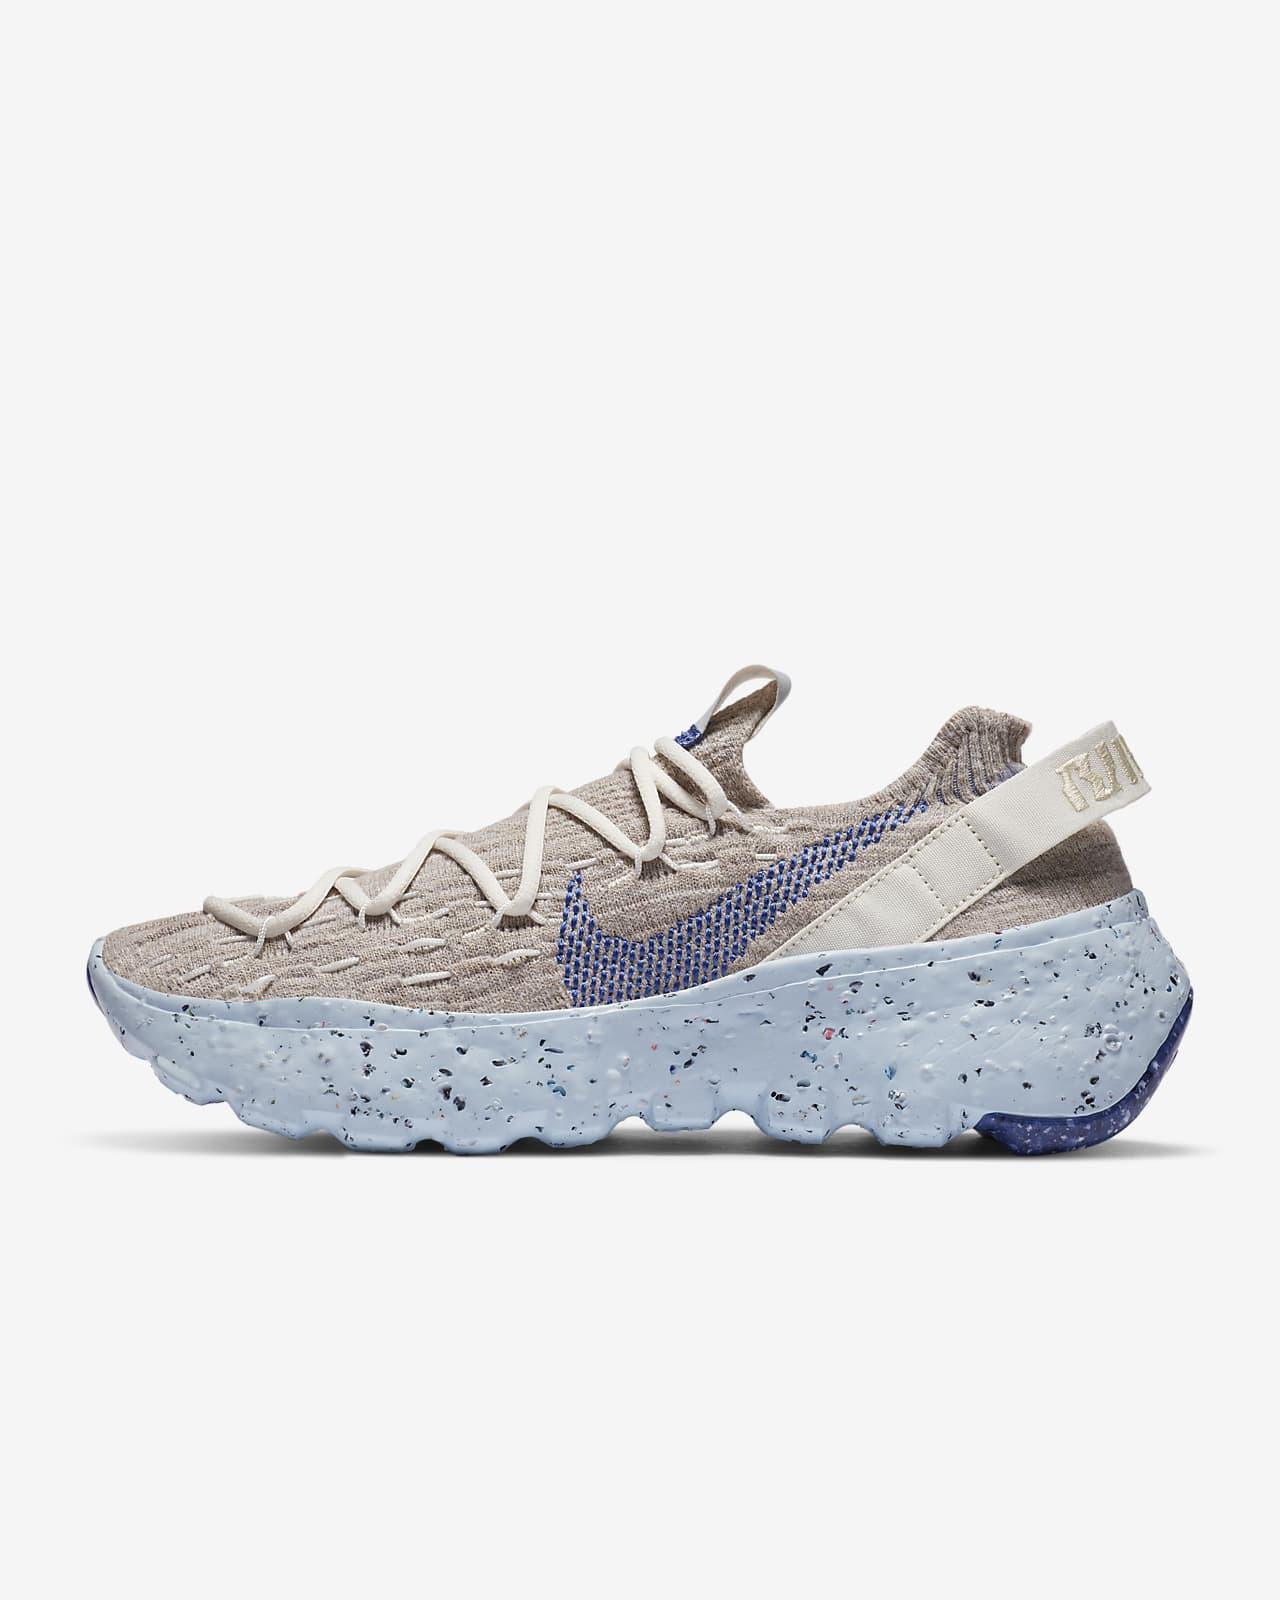 Nike Space Hippie 04 Women's Shoe